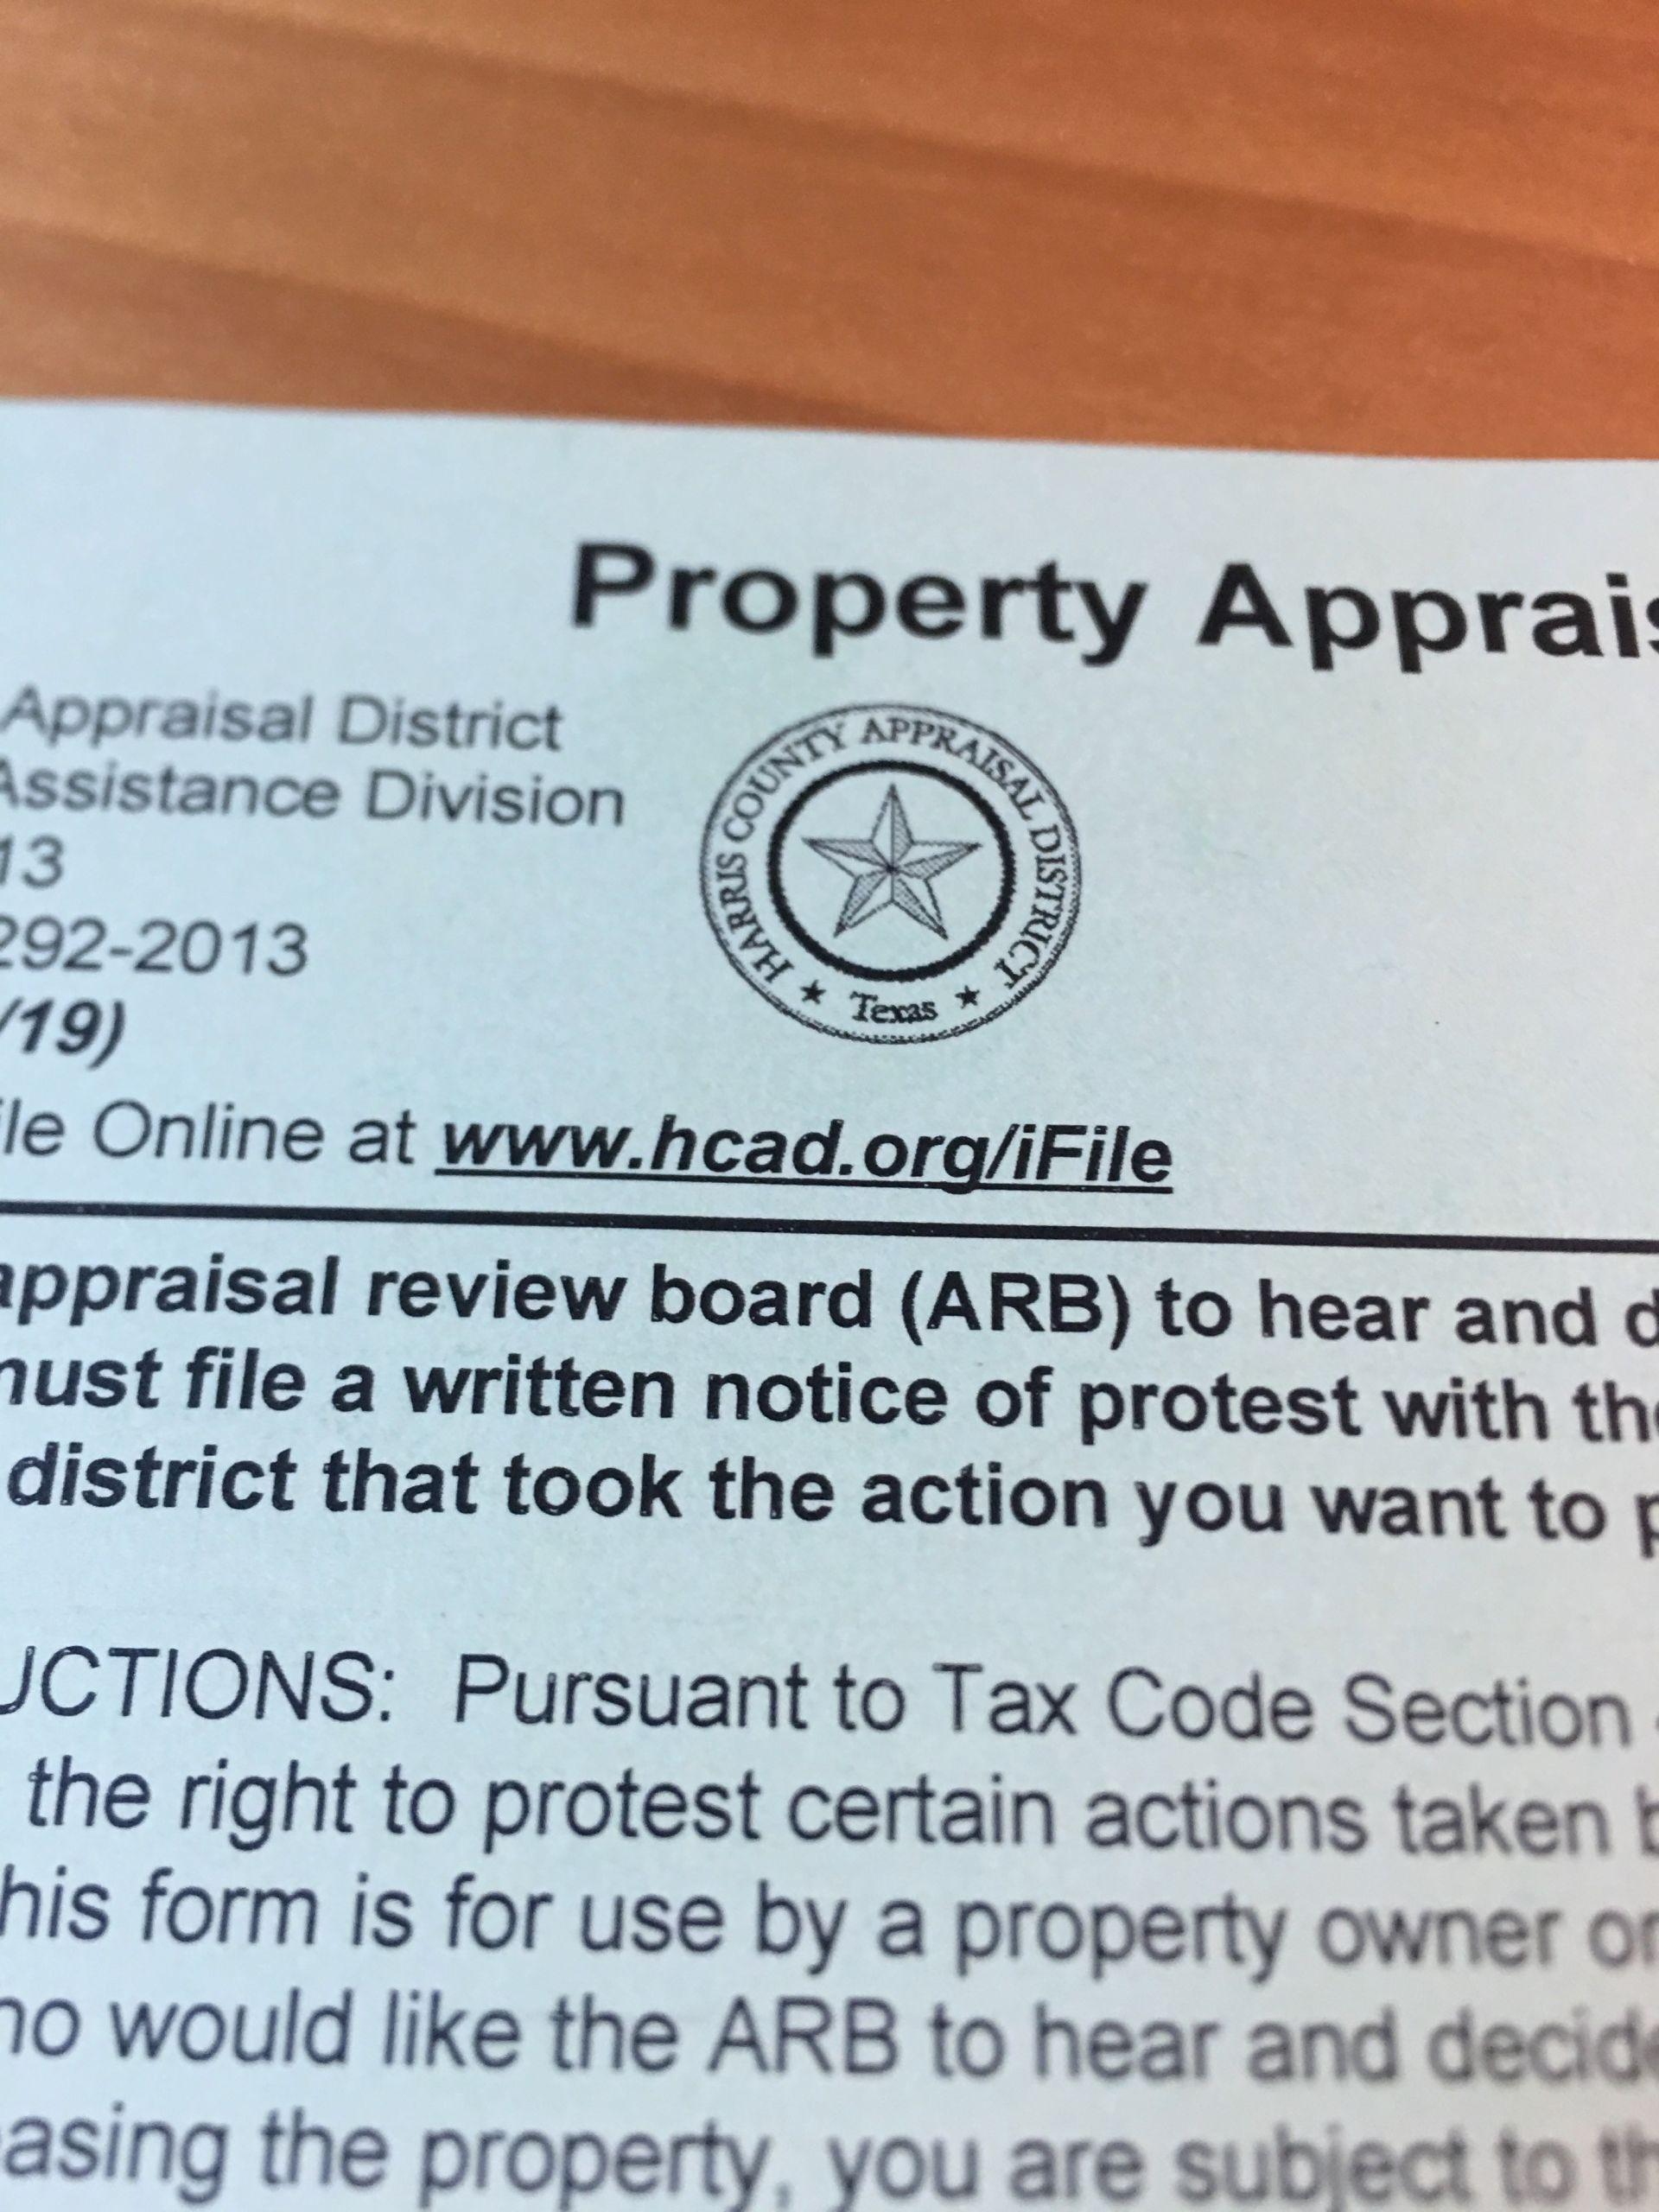 Property Tax Follow-up